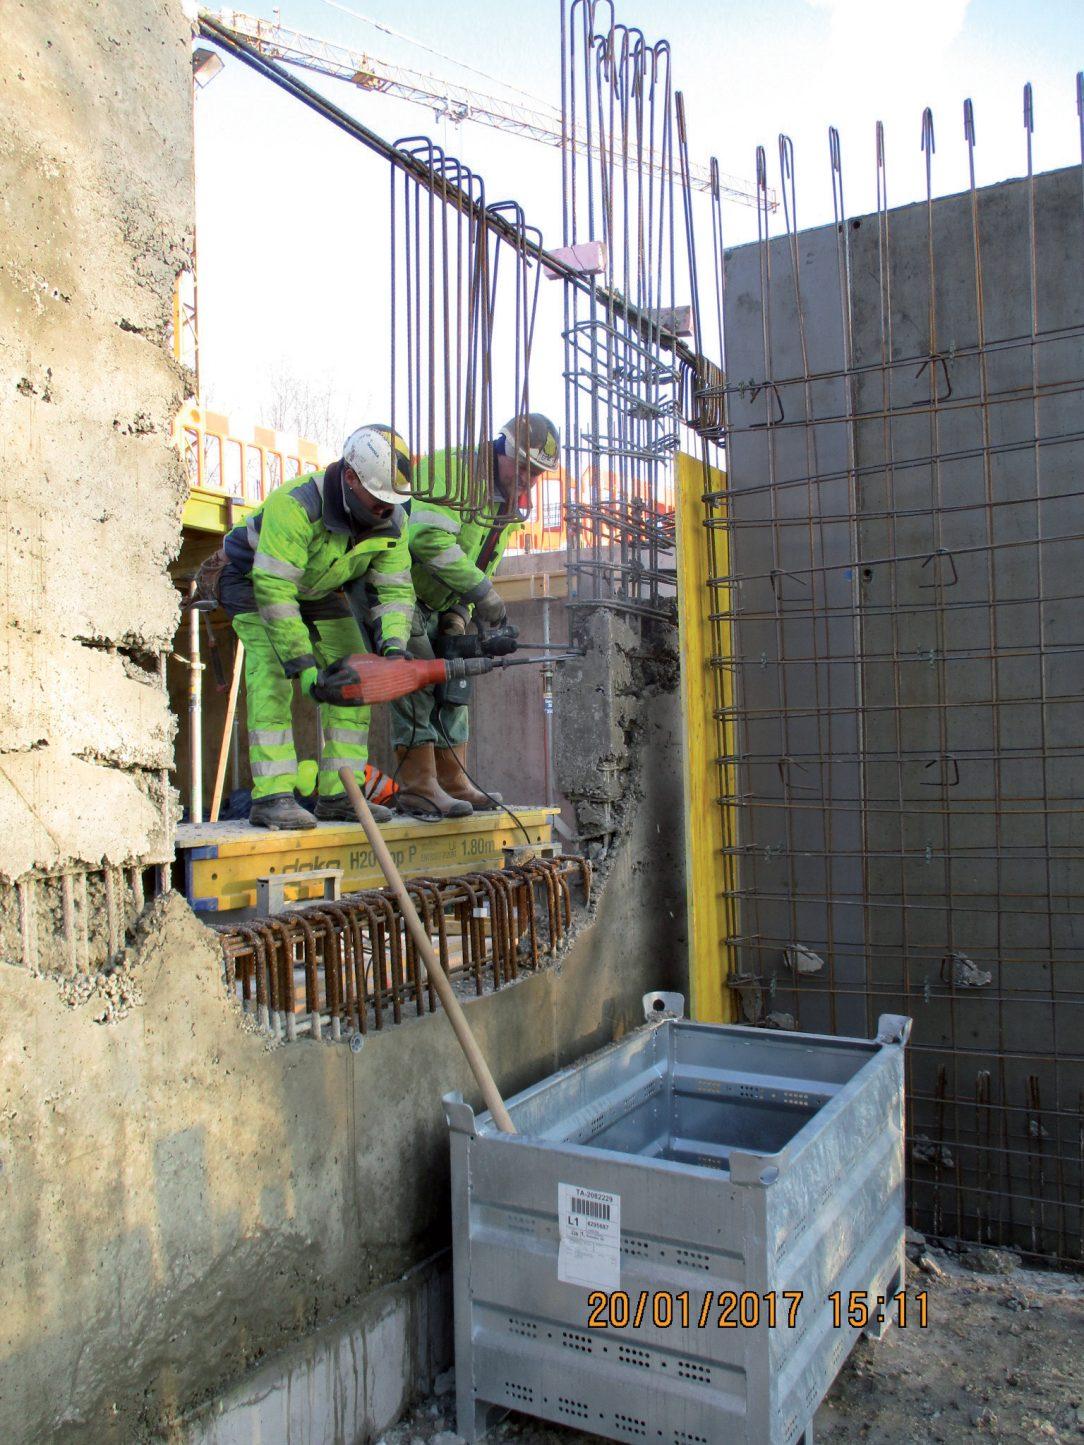 Obr. 8 Nevyhovujúci stav častí nosných konštrukcií s nevyhnutnosťou sanácie konštrukcie